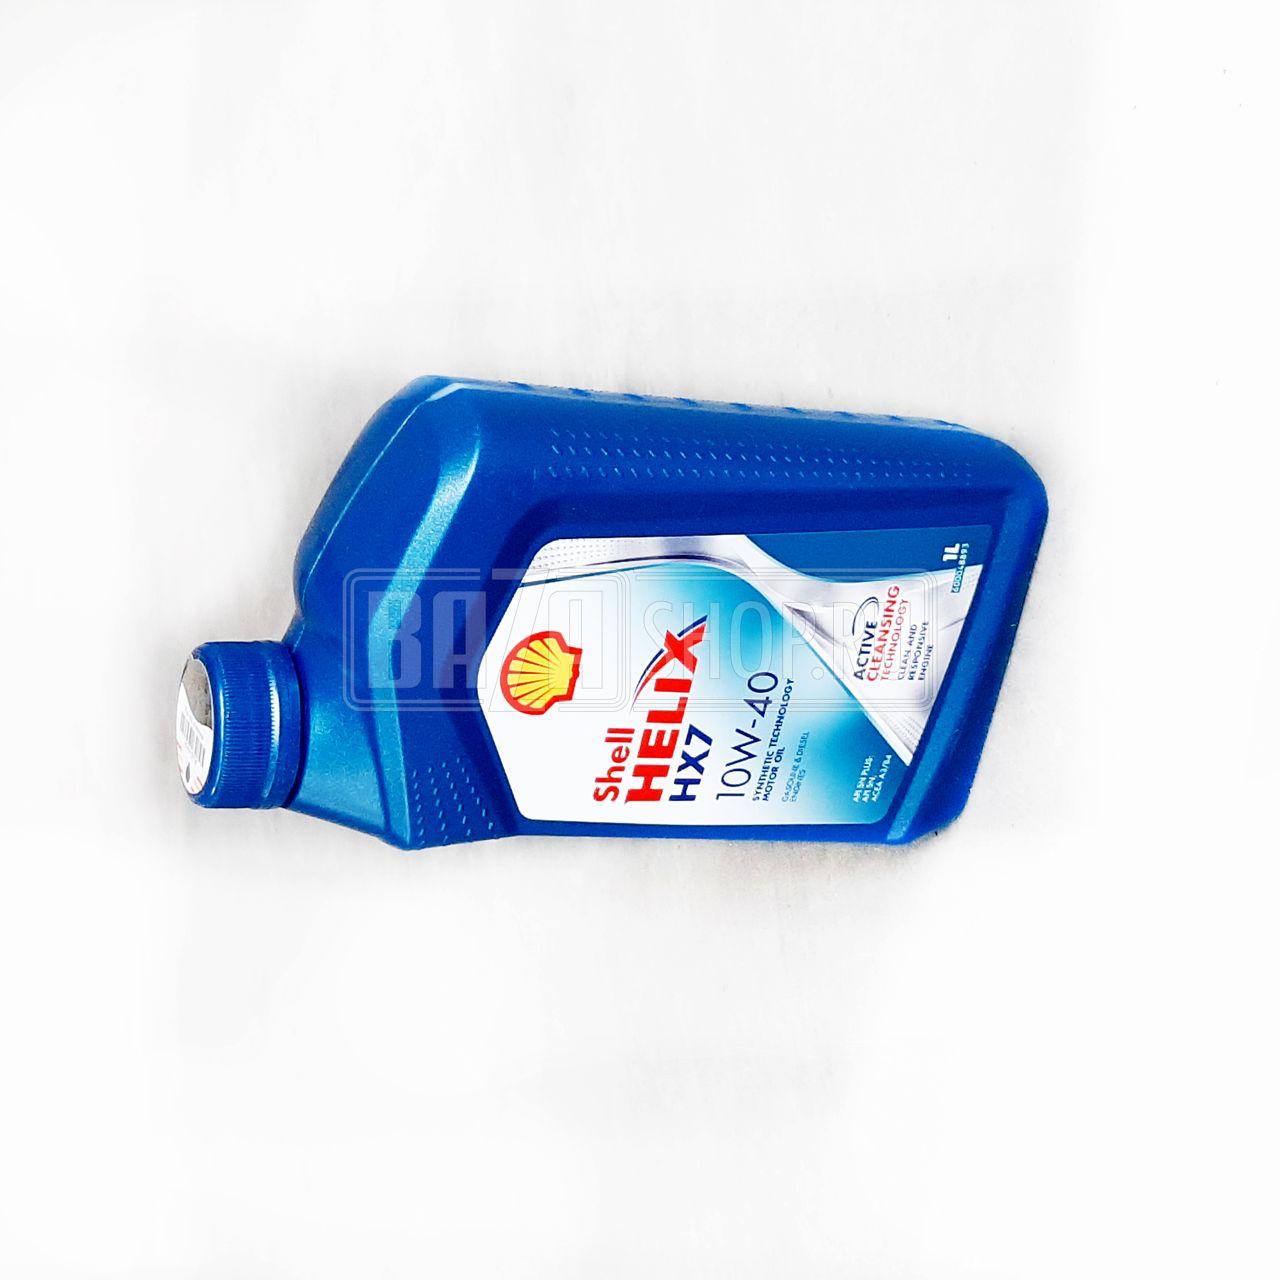 Купить Масло Shell Ярославль